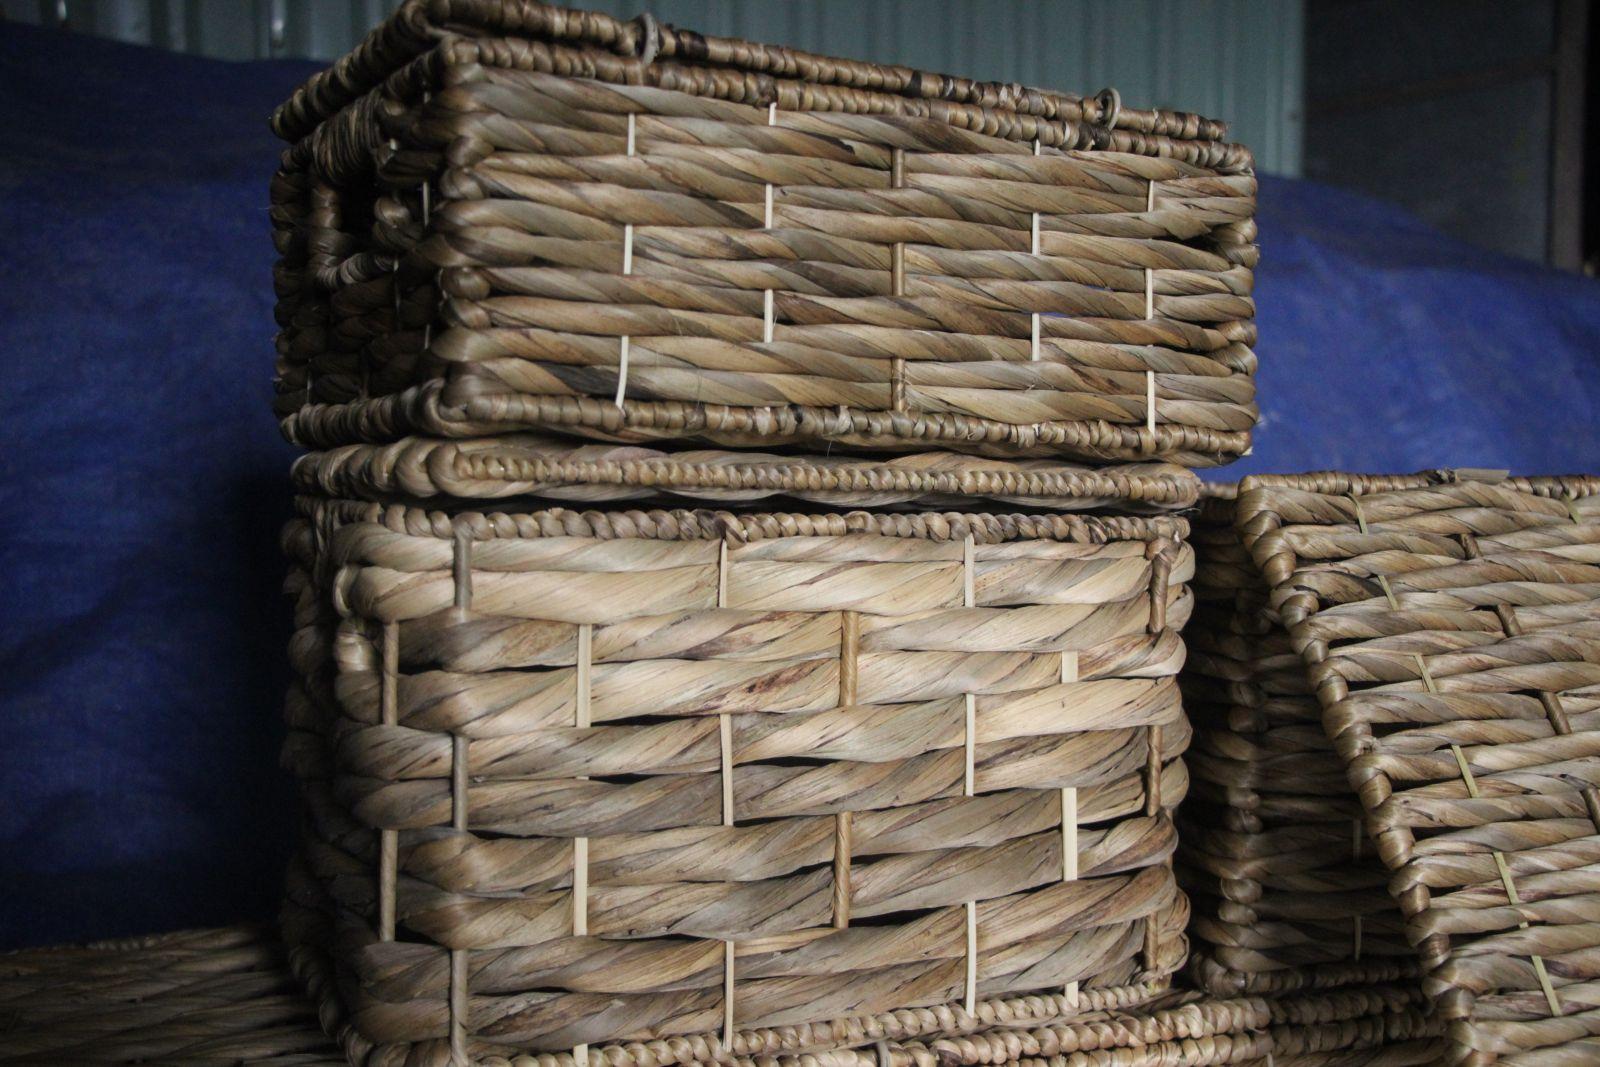 Những nhánh lục bình trôi nổi trên sông, qua bàn tay người thợ trở thành sản phẩm bền, chắc, mềm mại, được thị trường ưa chuộng